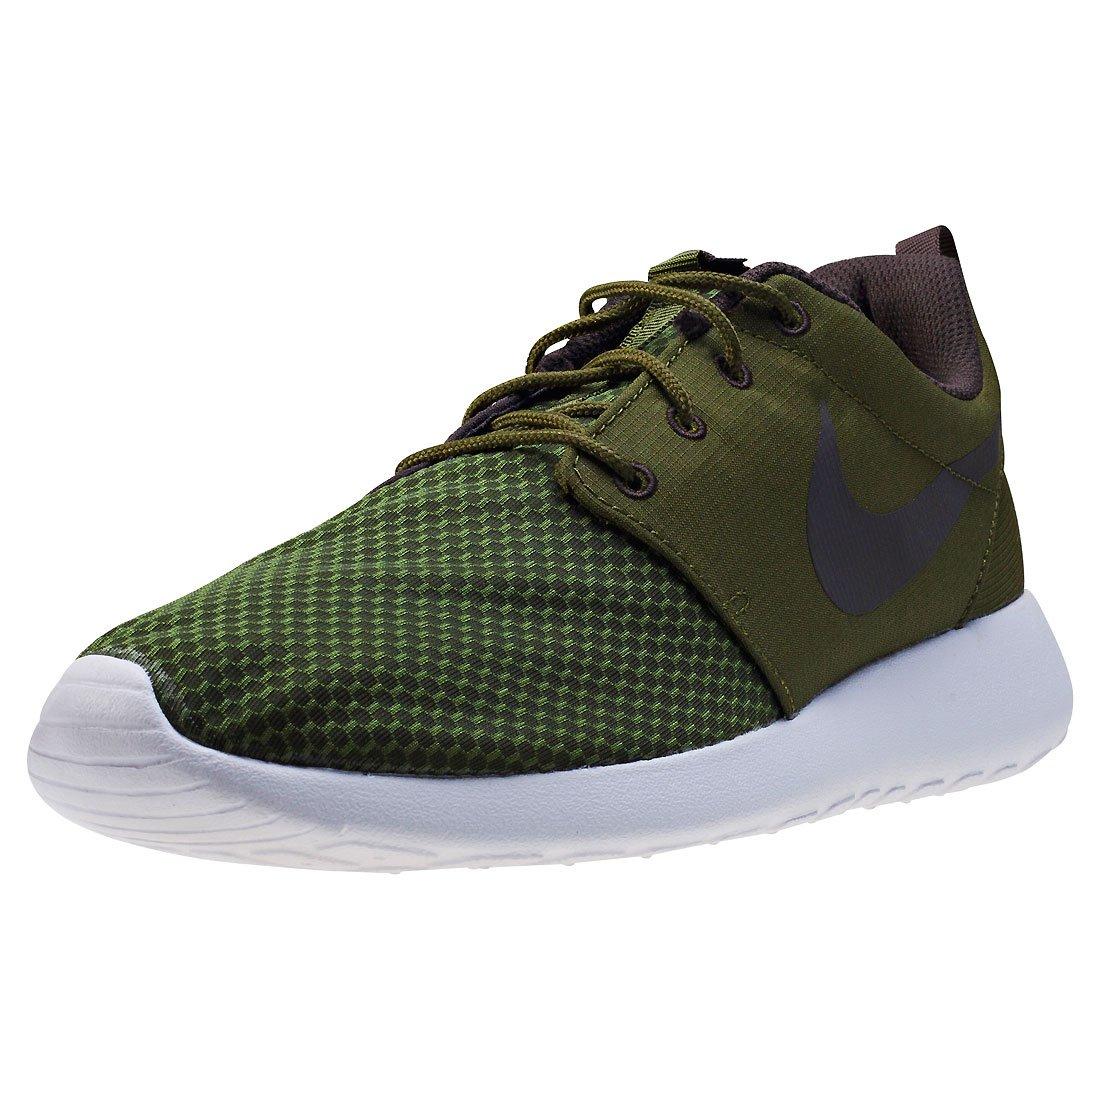 Nike Roshe One Sneaker Turnschuhe Schuhe für Herren LGNGRN/VEL